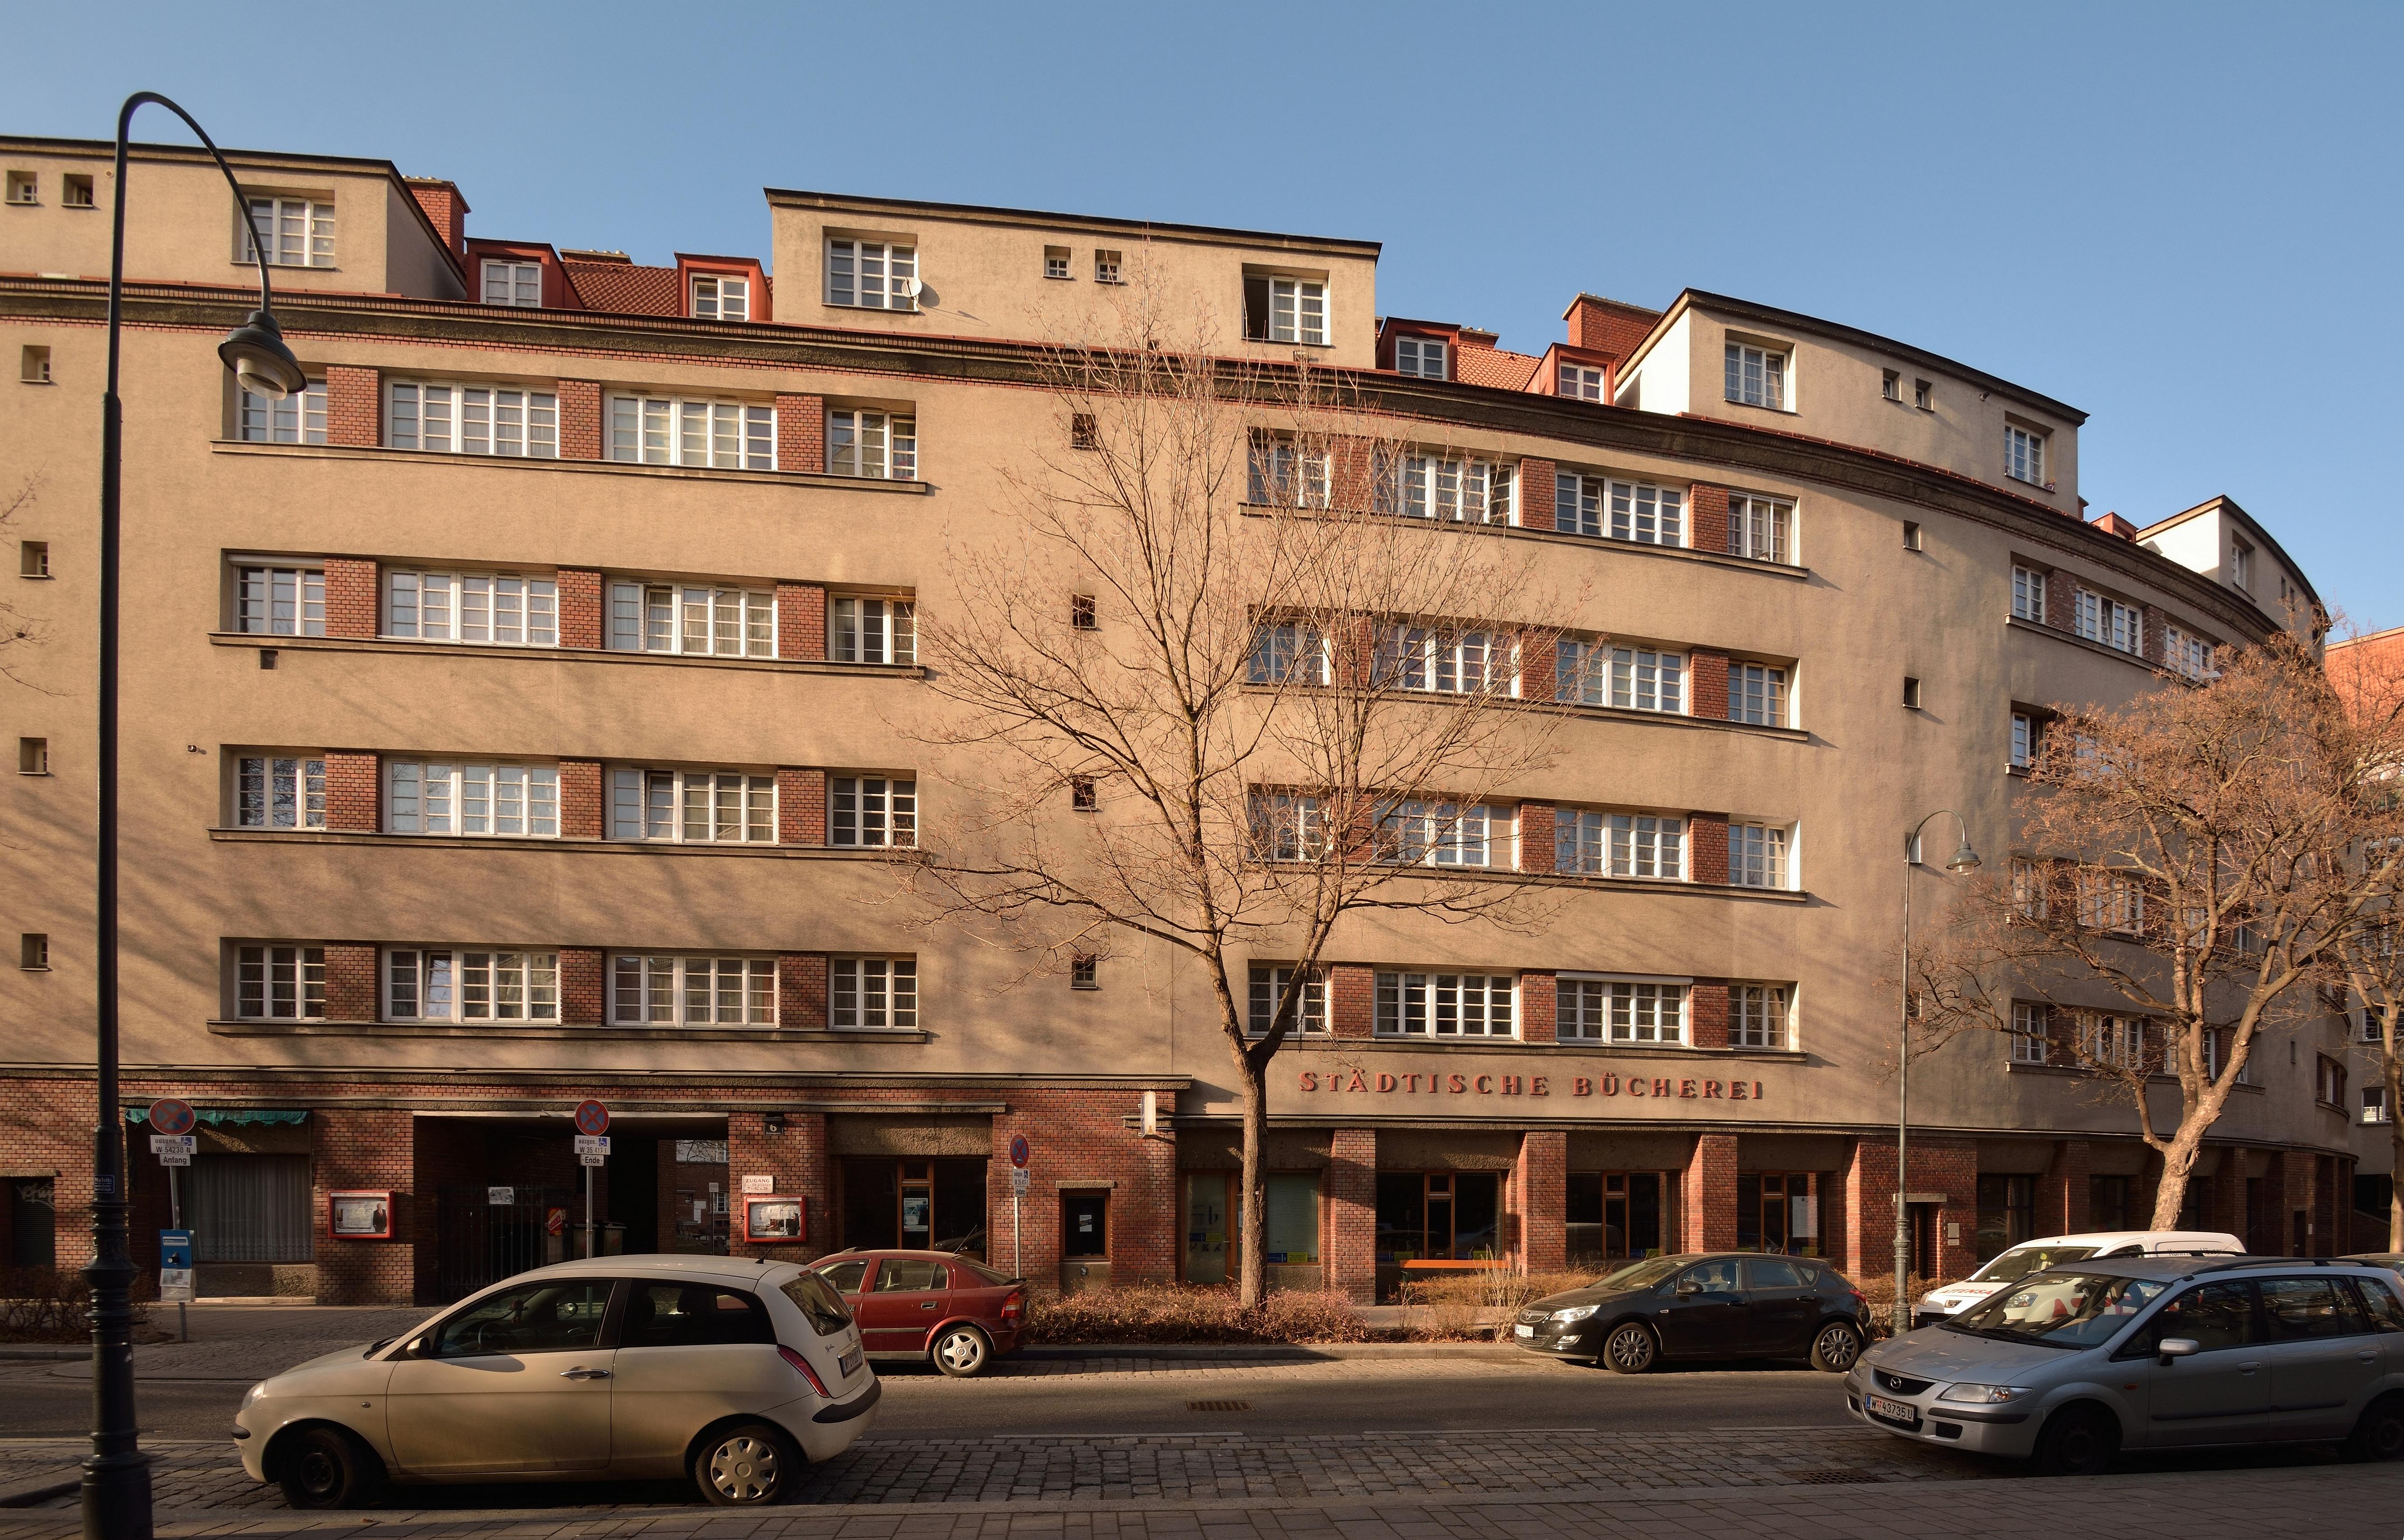 File:Rabenhof Zweigstelle Buecherei Wien DSC 7256w.jpg - Wikimedia ...